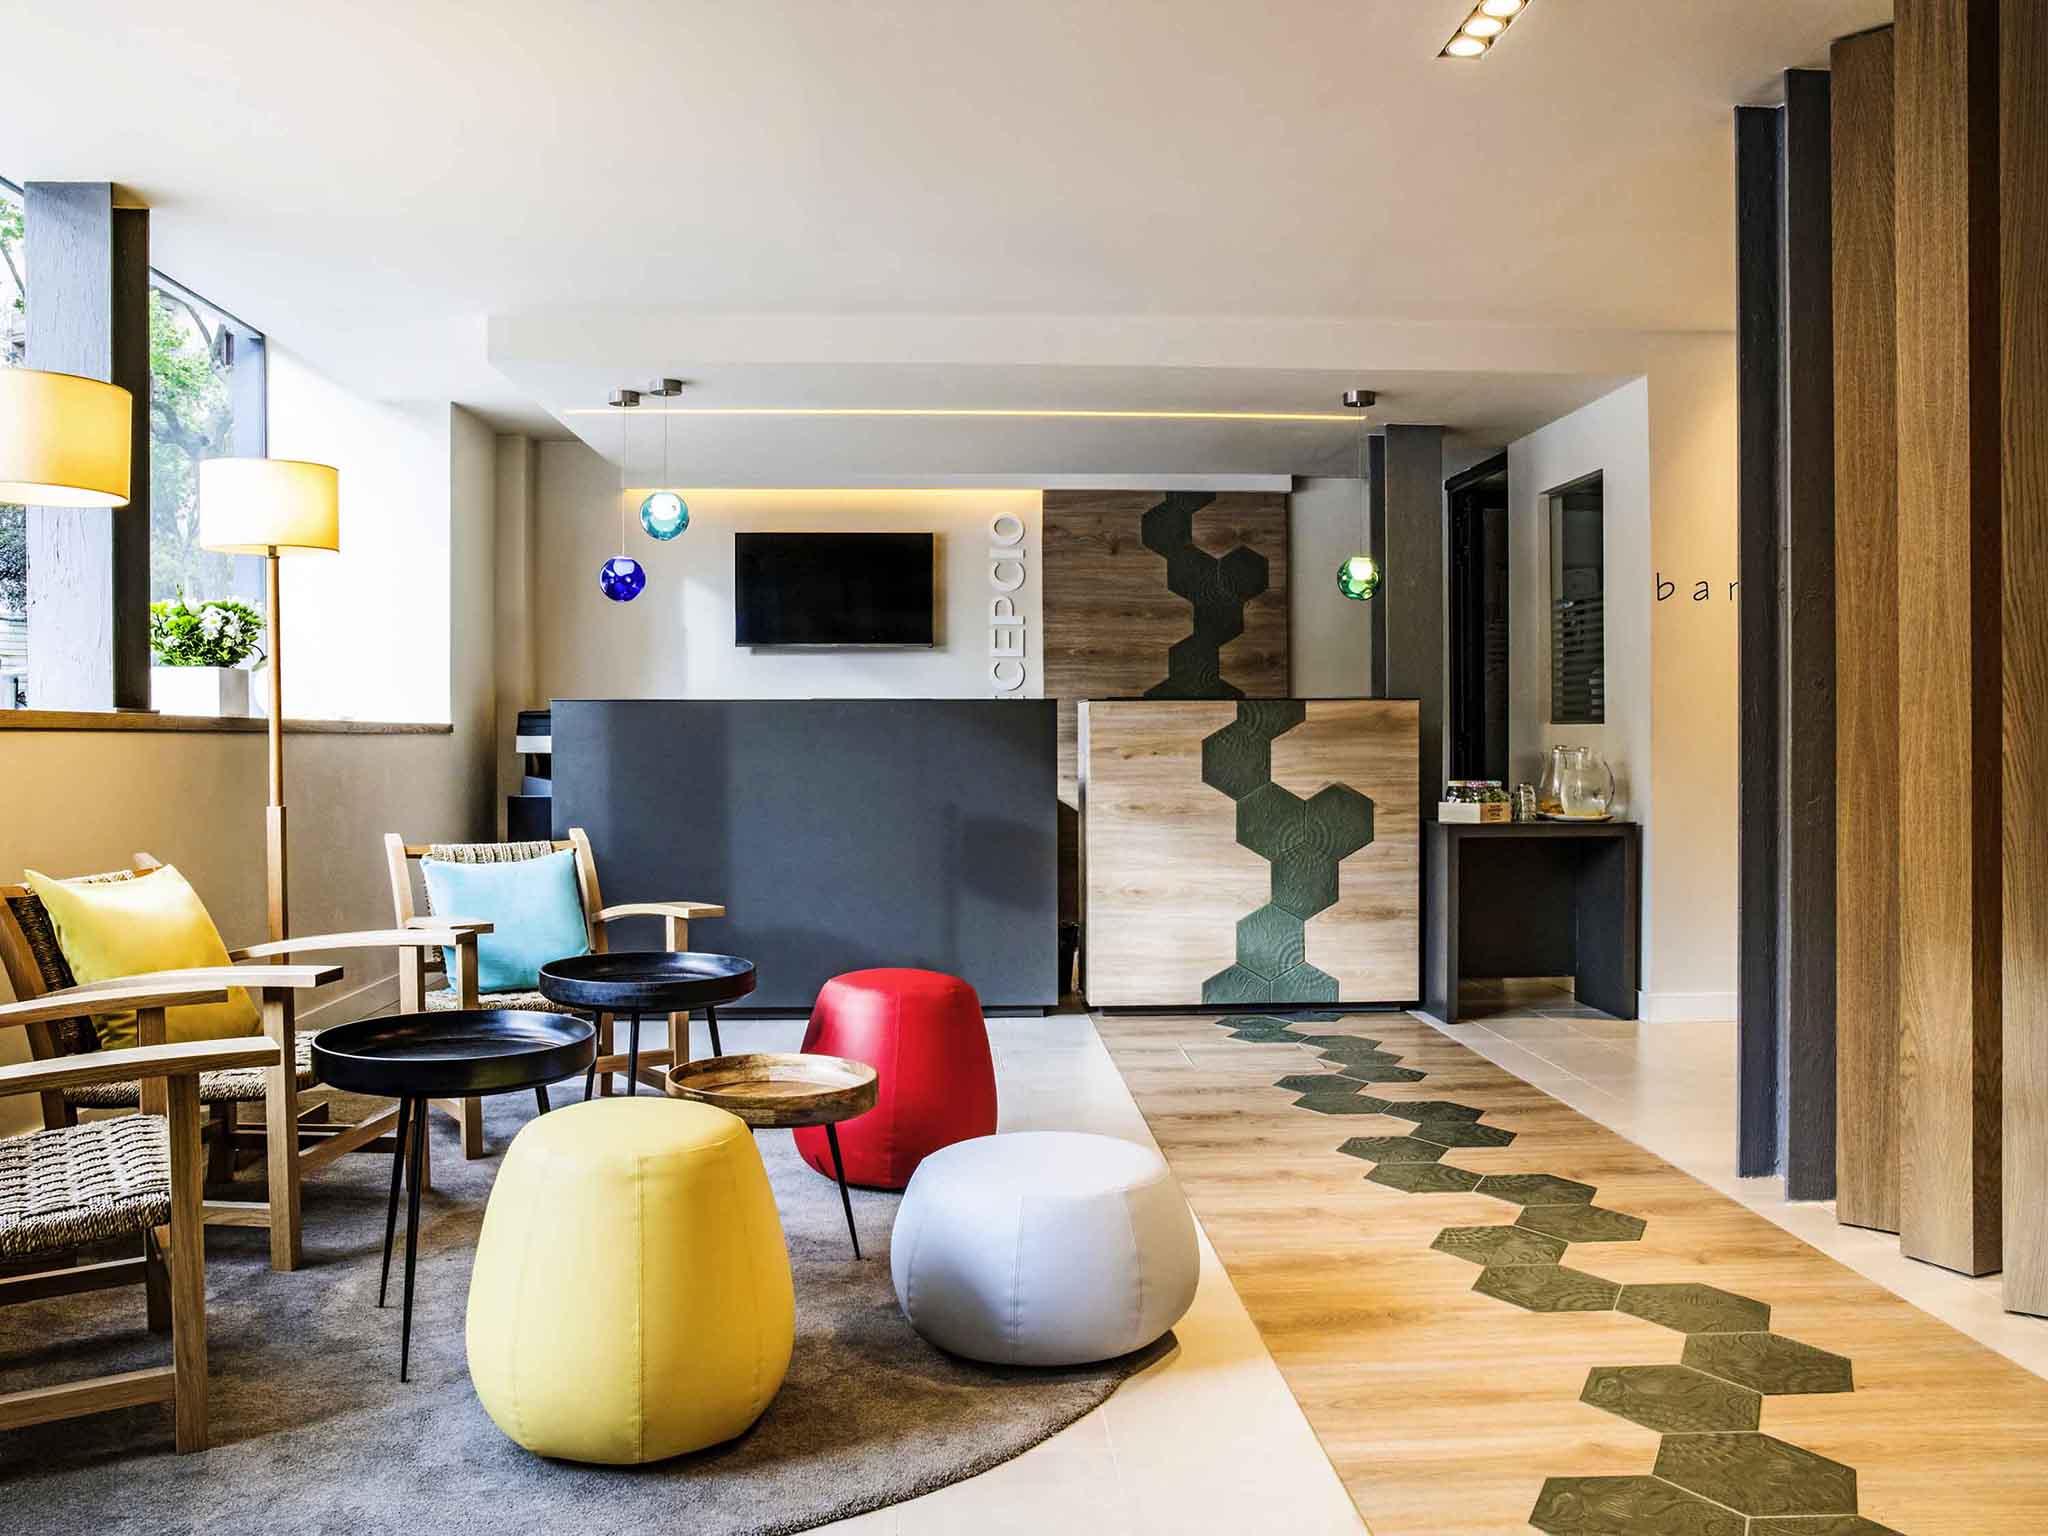 فندق - إيبيس ستايلز ibis Styles برشلونة سنتر